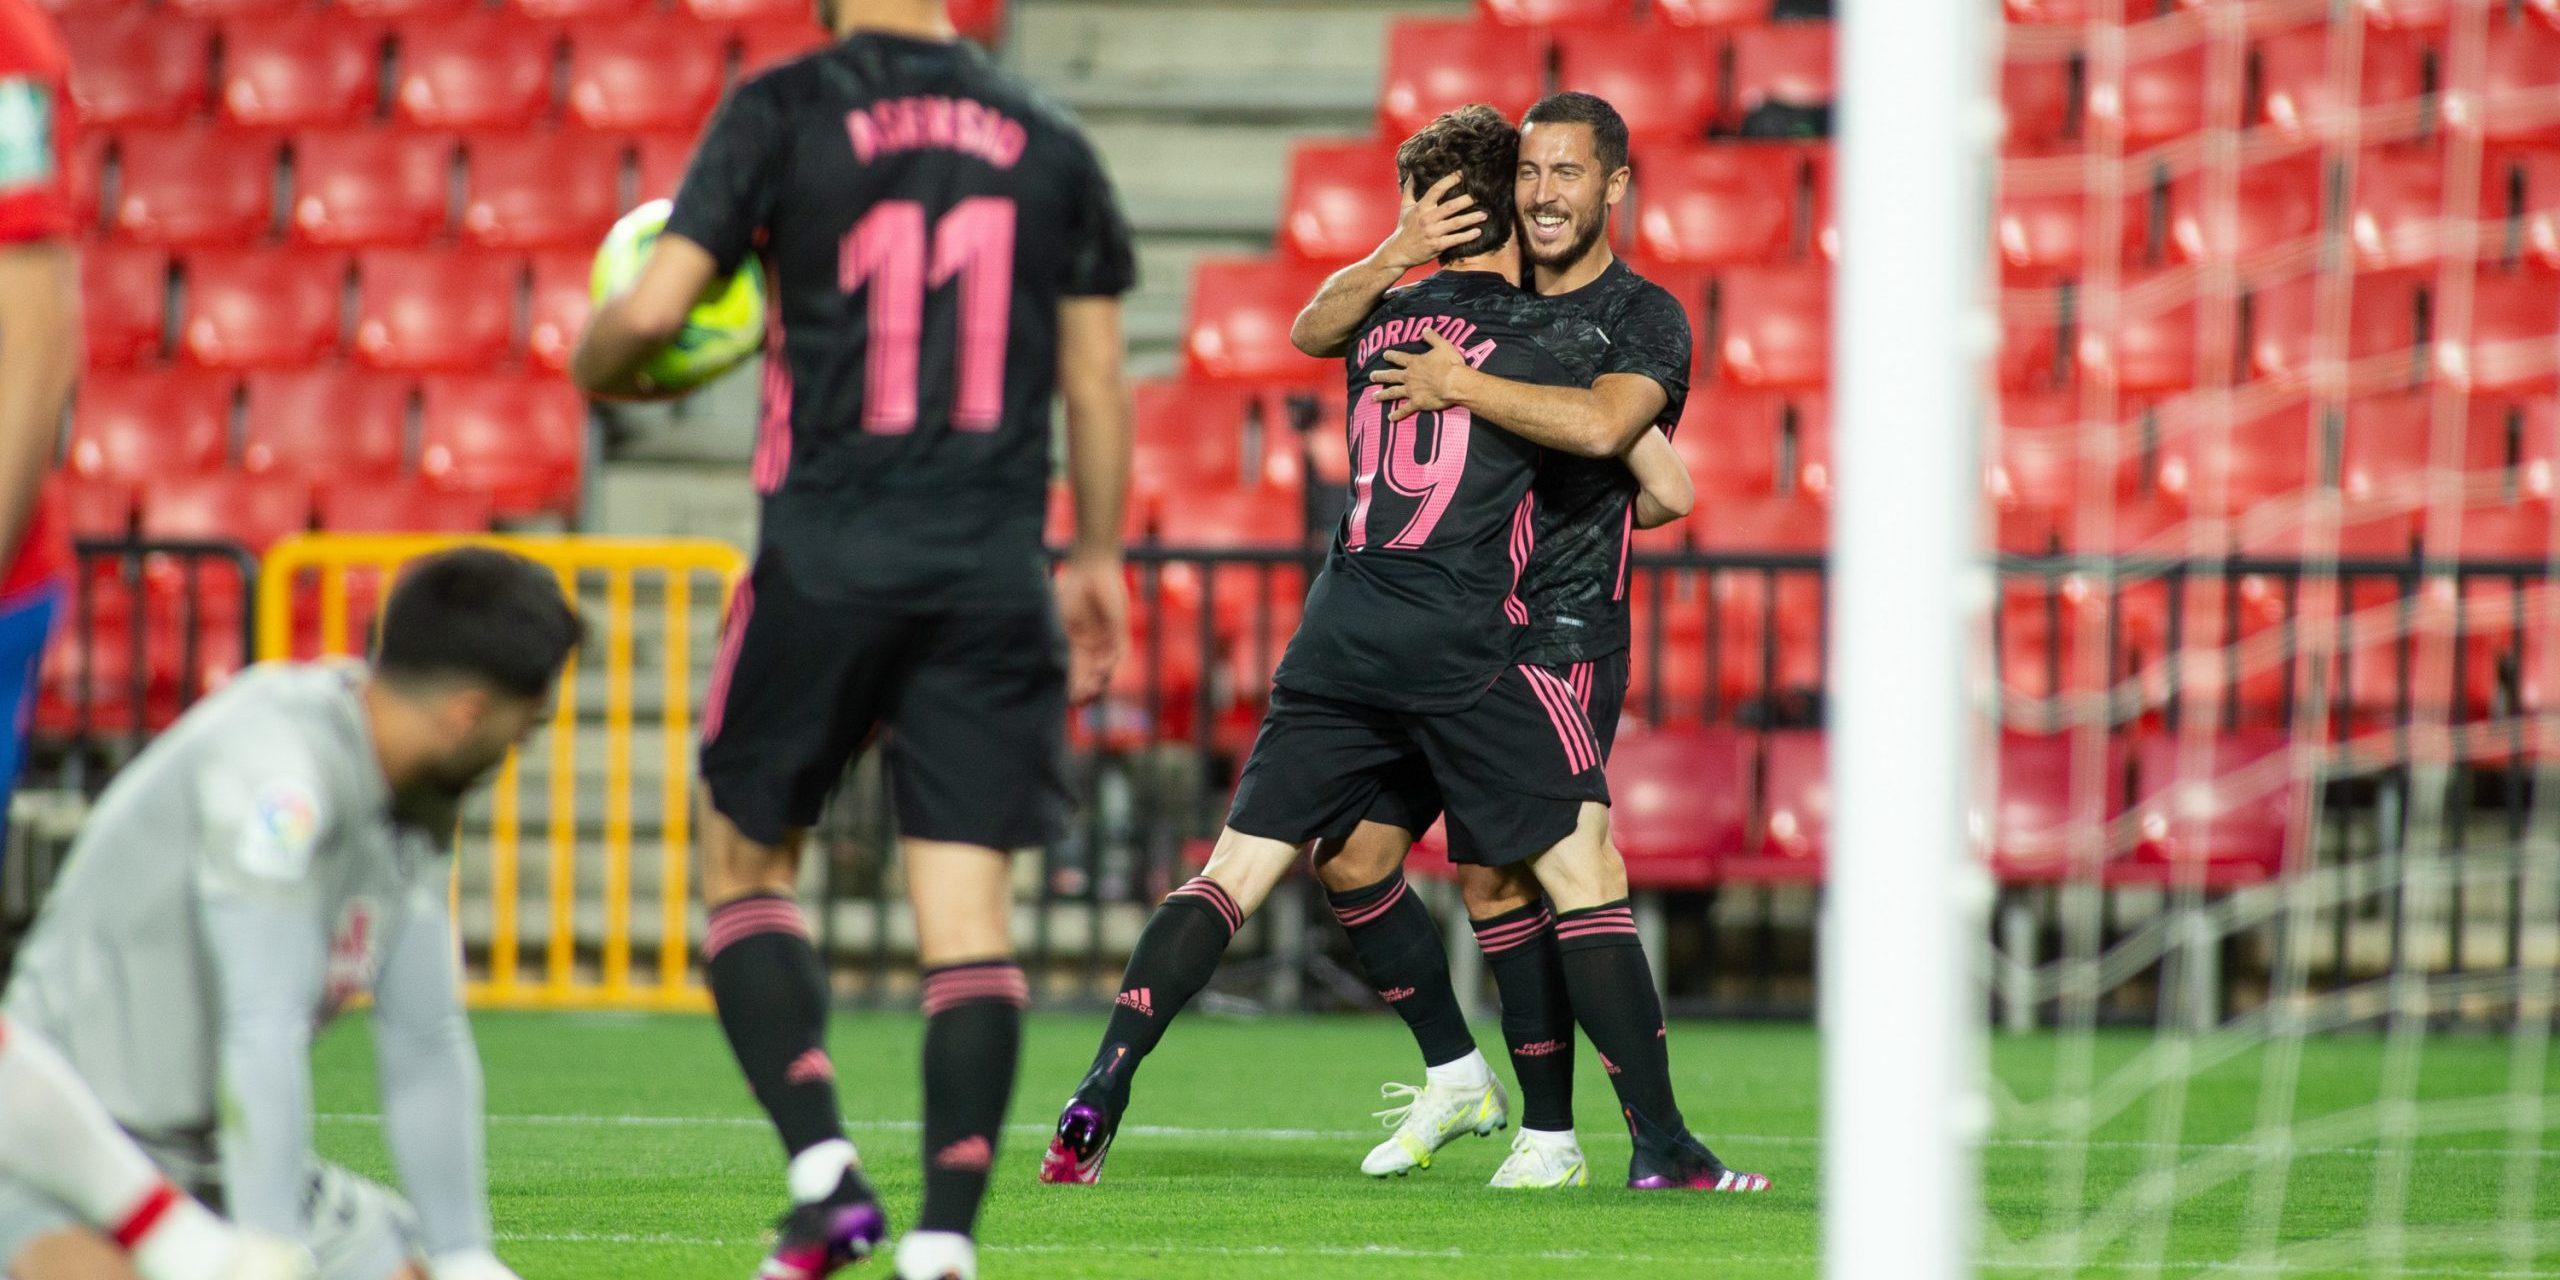 Els jugadors del Madrid celebren un gol | Europa Press